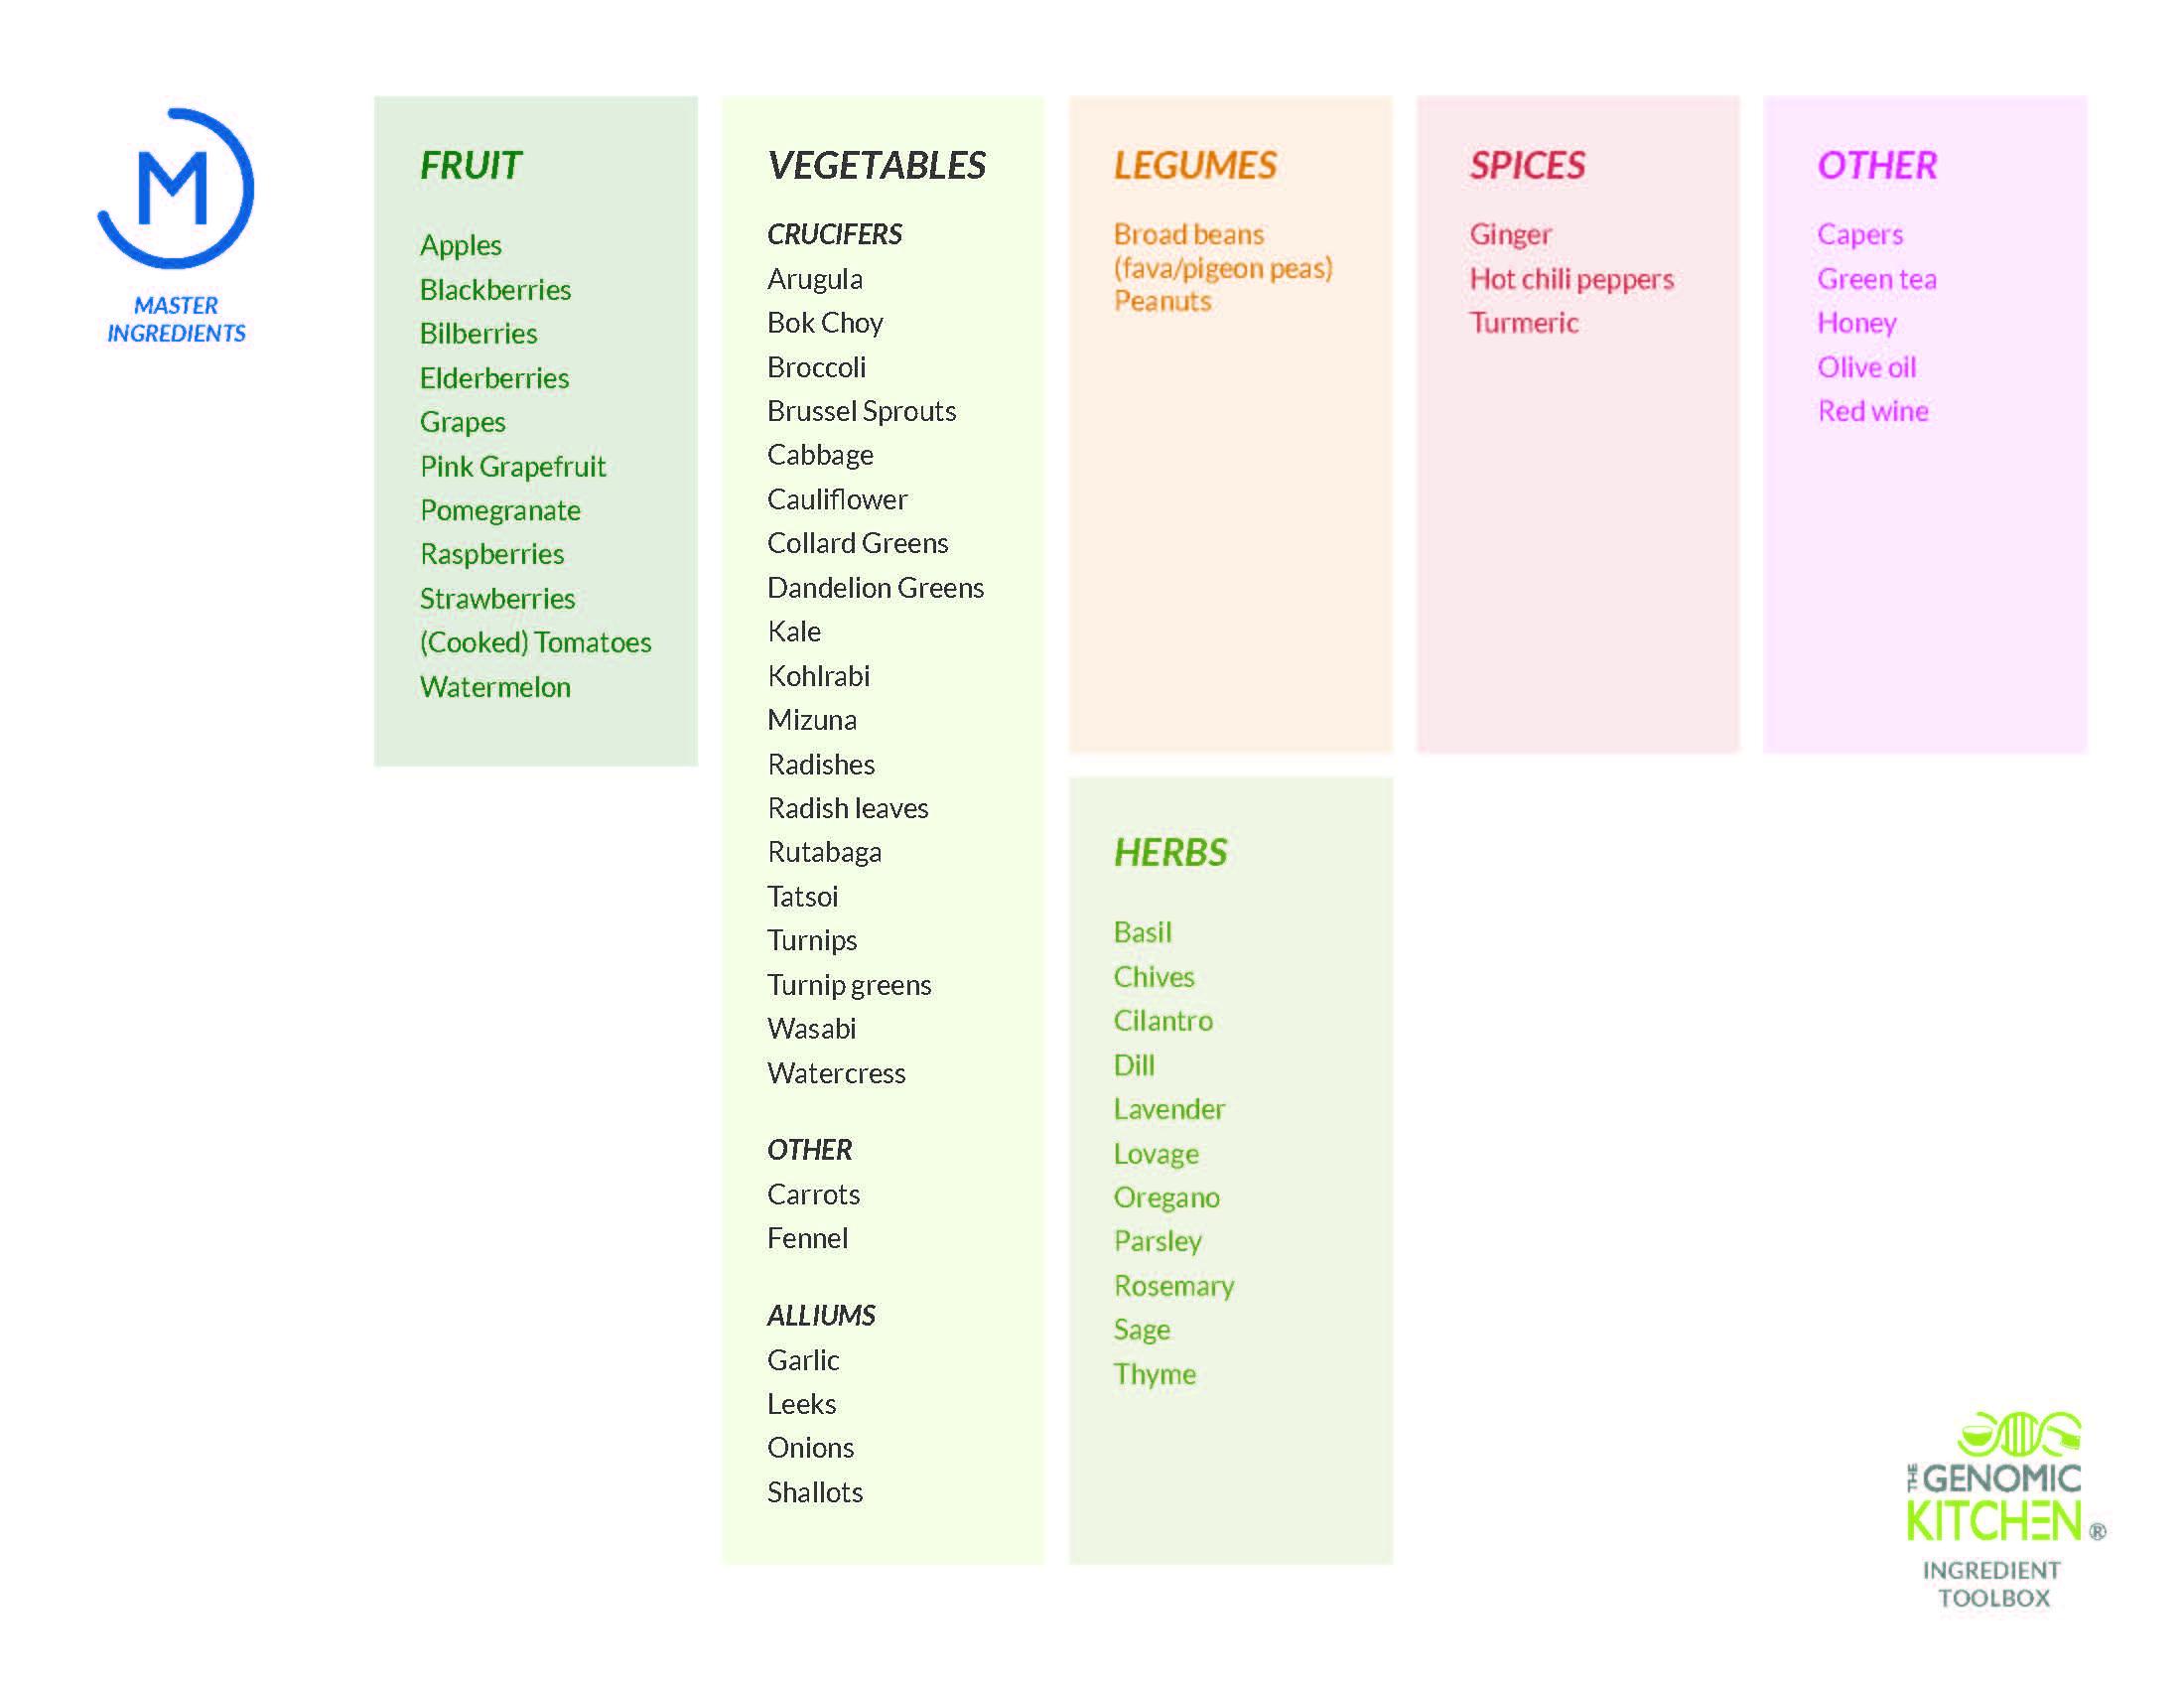 (M) Master Ingredients -